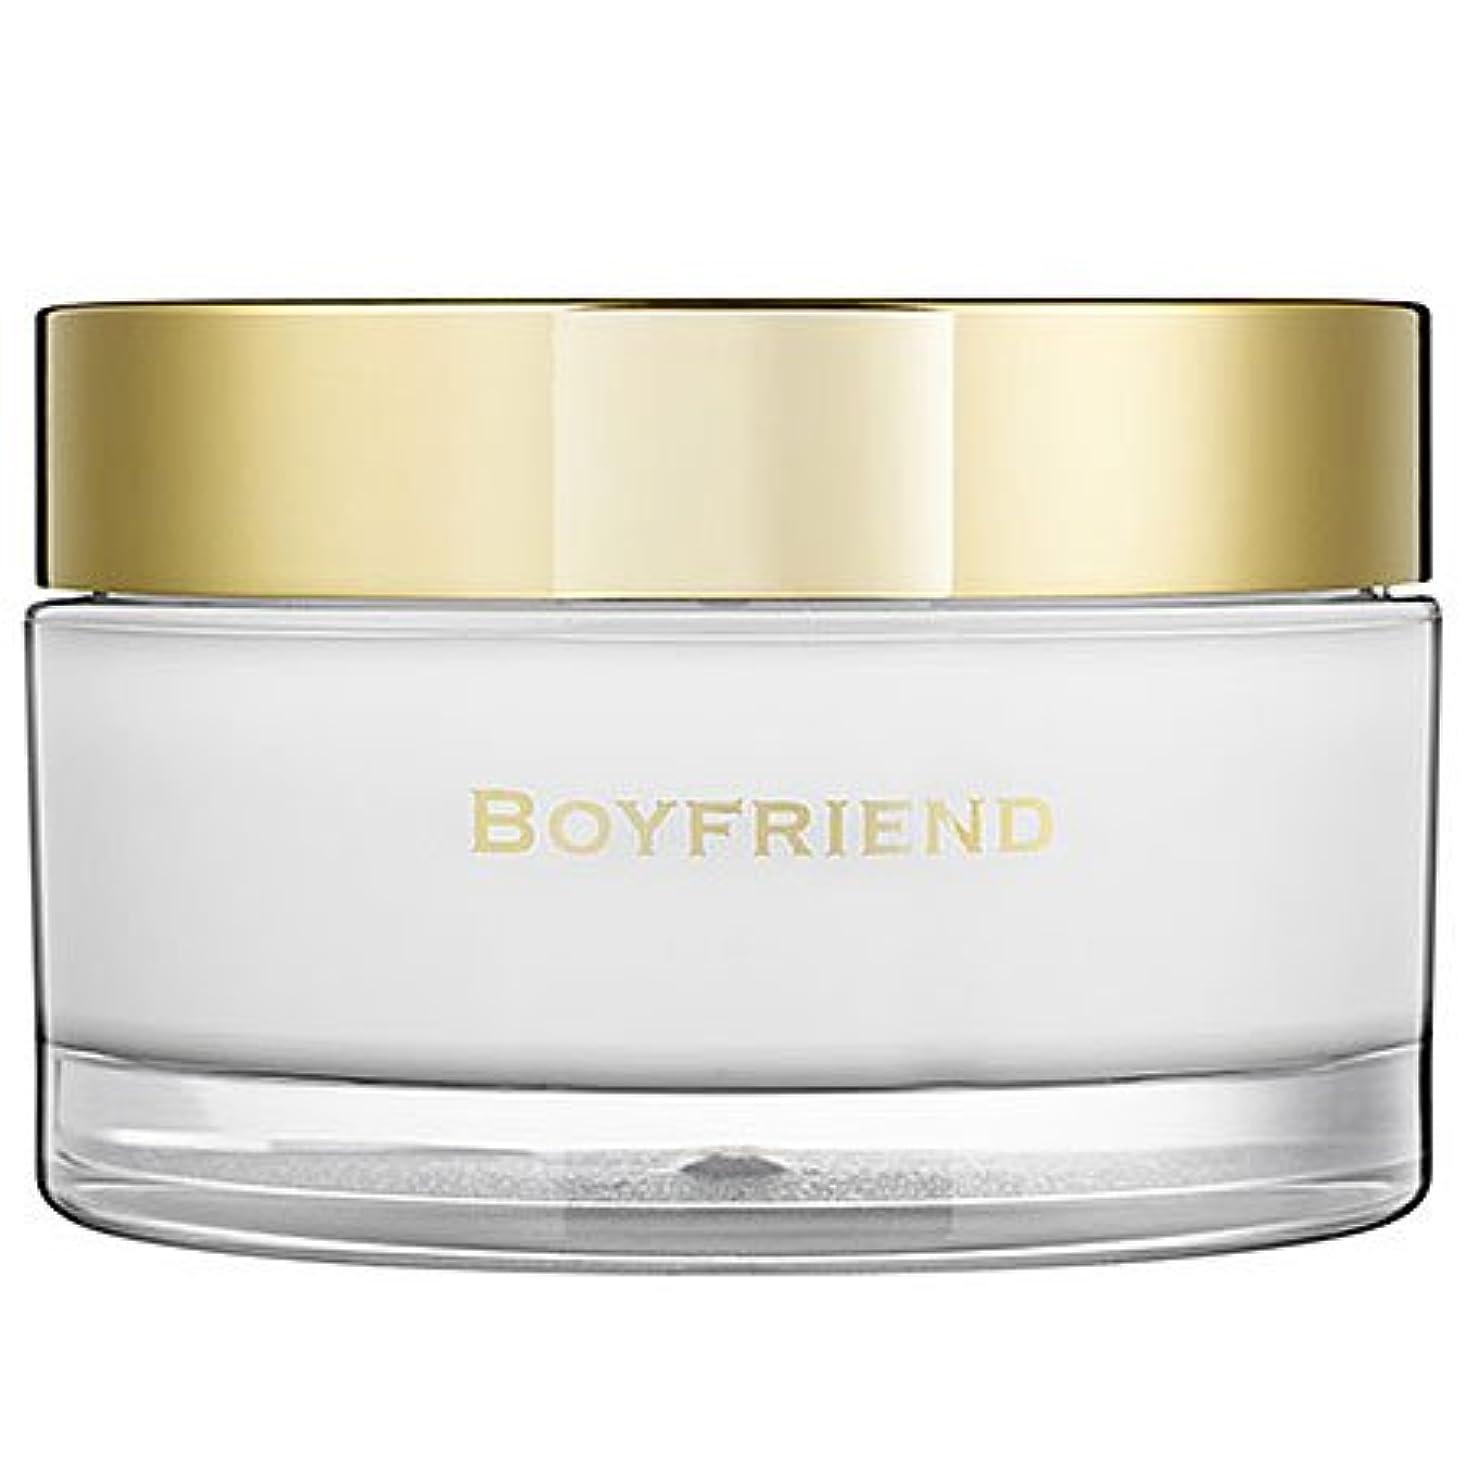 公平なすり減る起こるBoyfriend (ボーイフレンド) 6.7 oz (200ml) Body Cream by Kate Walsh for Women